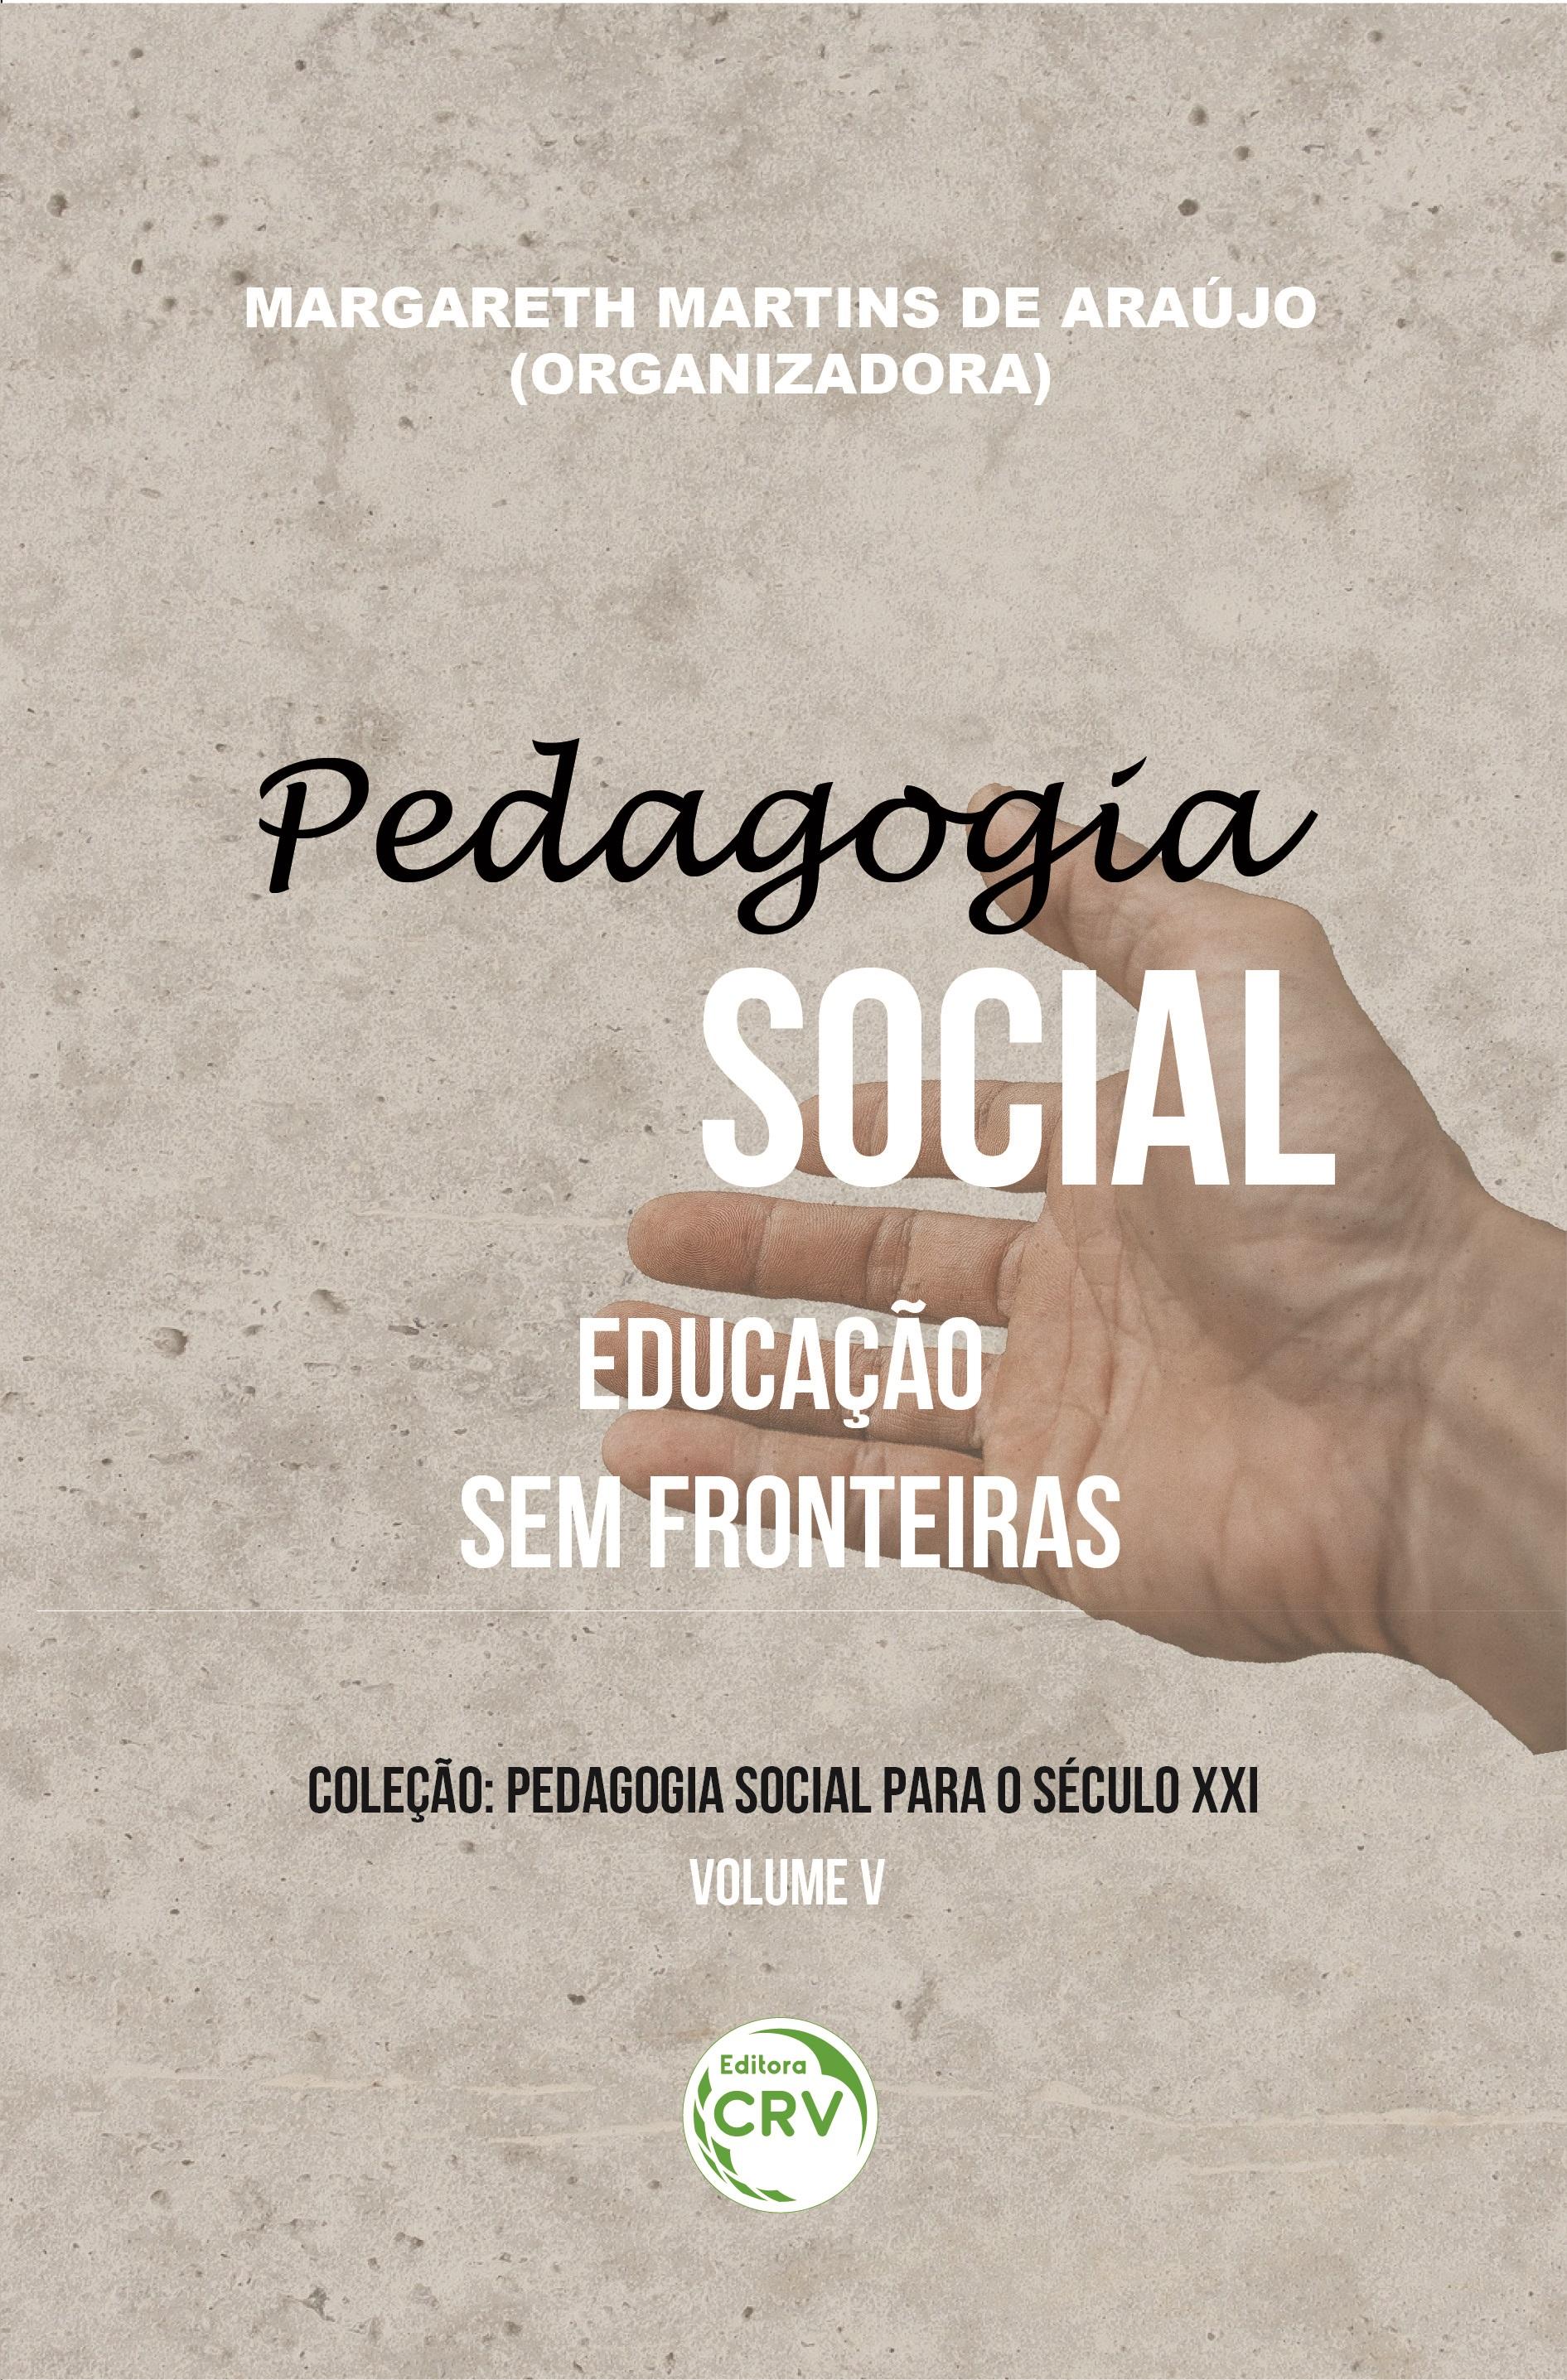 Capa do livro: PEDAGOGIA SOCIAL:<br> educação sem fronteiras <br>Volume V <br>Coleção: Pedagogia Social para o século XXI